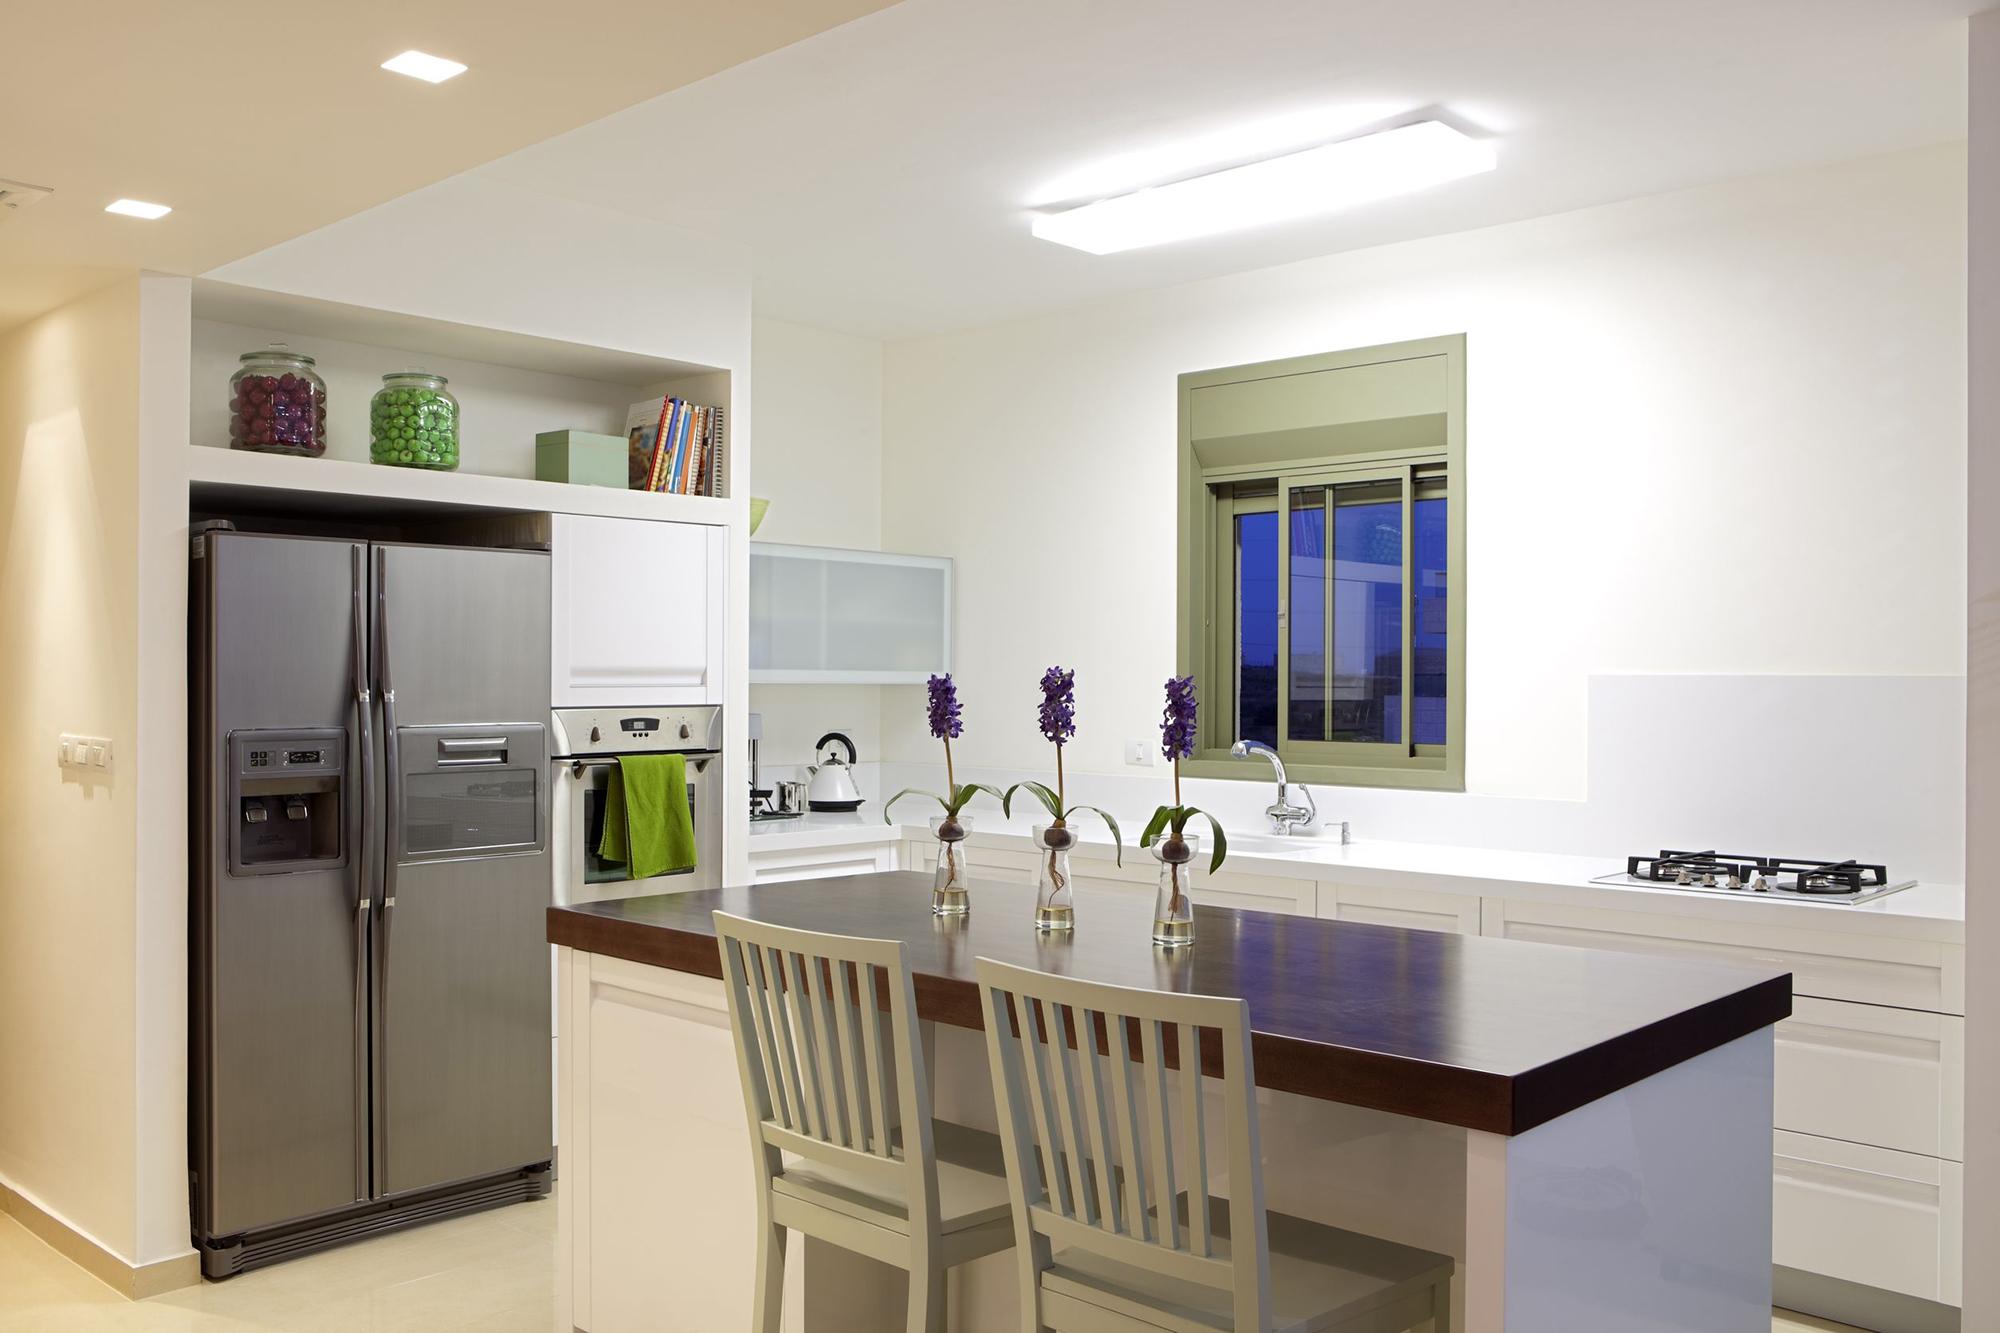 Ниша для холодильника в кухне